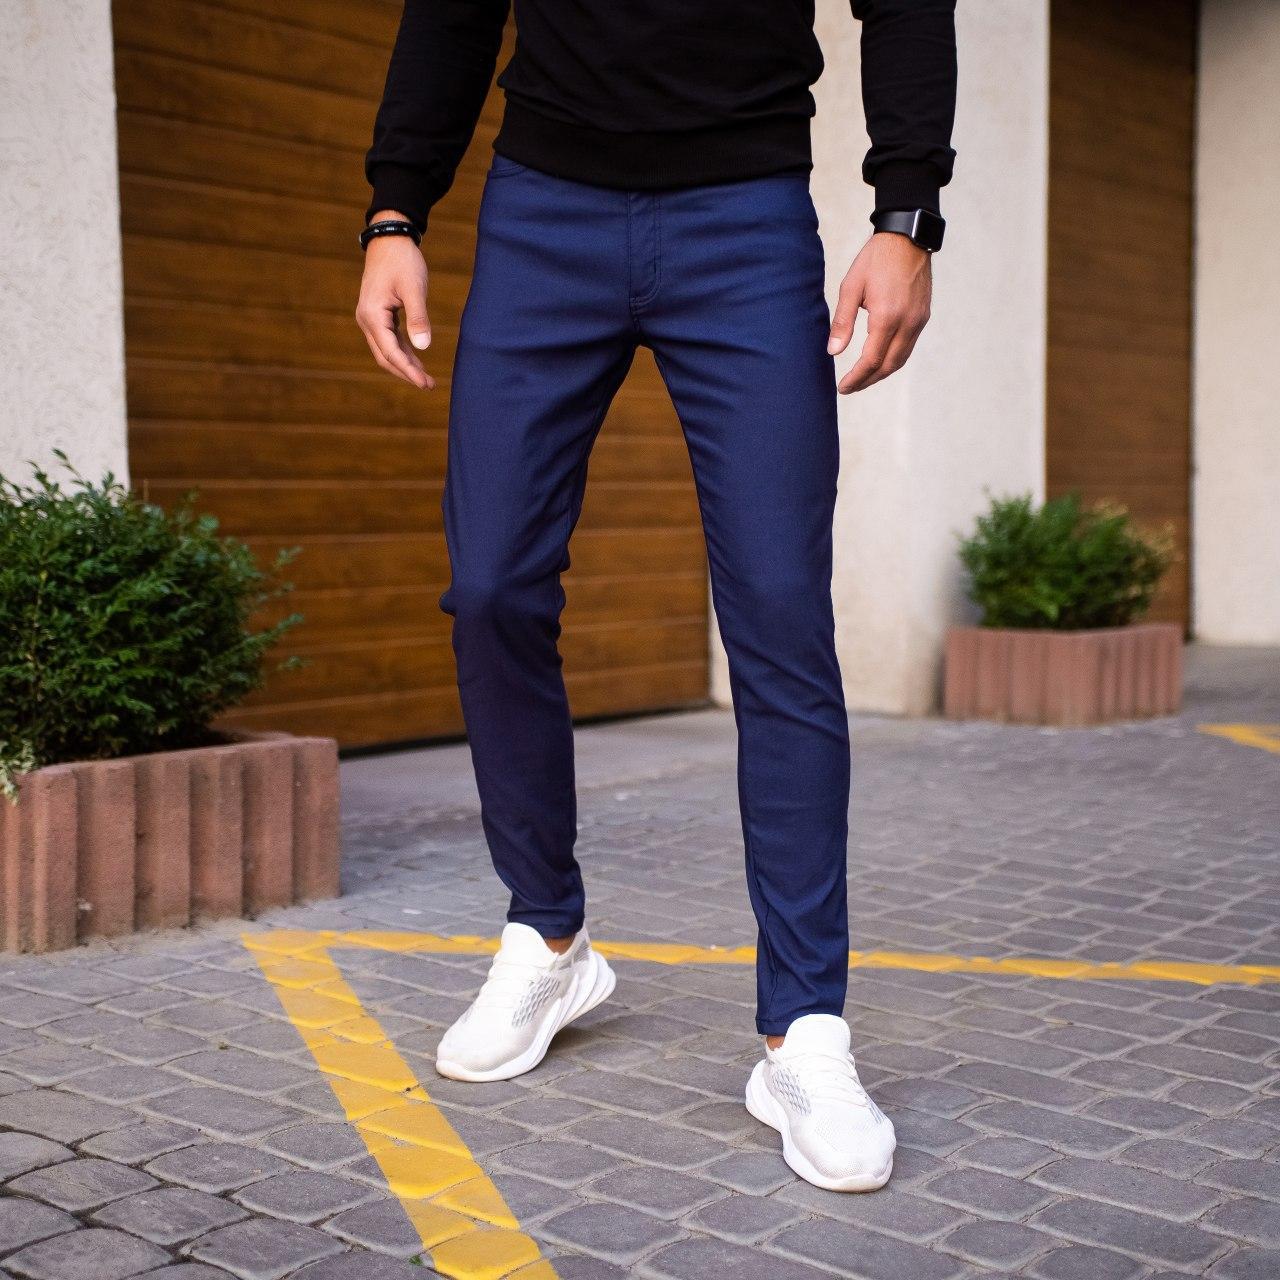 Мужские джинсы Poleteli Pobedov (темно-синие)